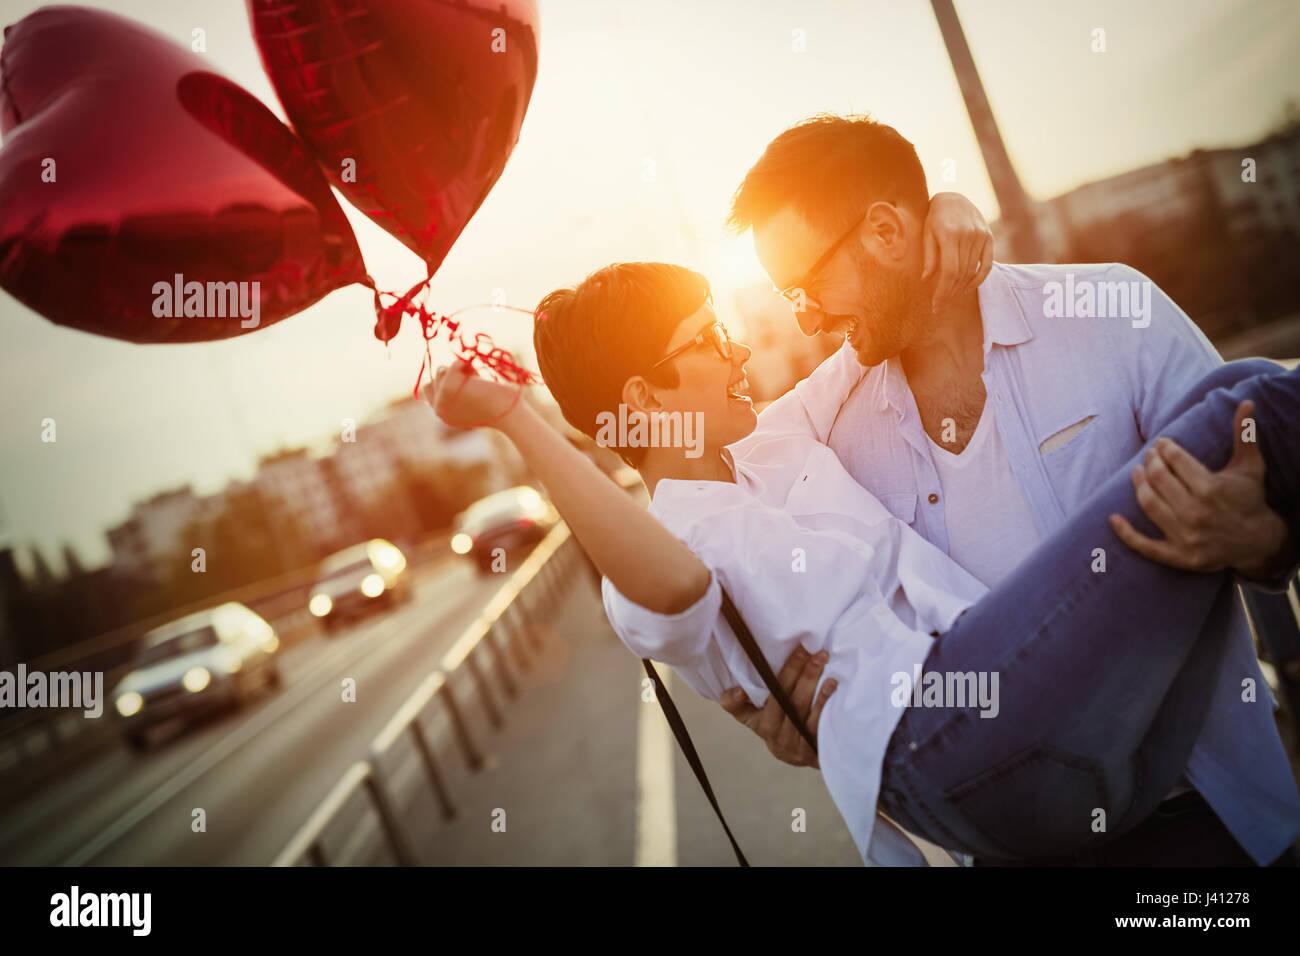 Beste online dating sites voor 18-jarigen